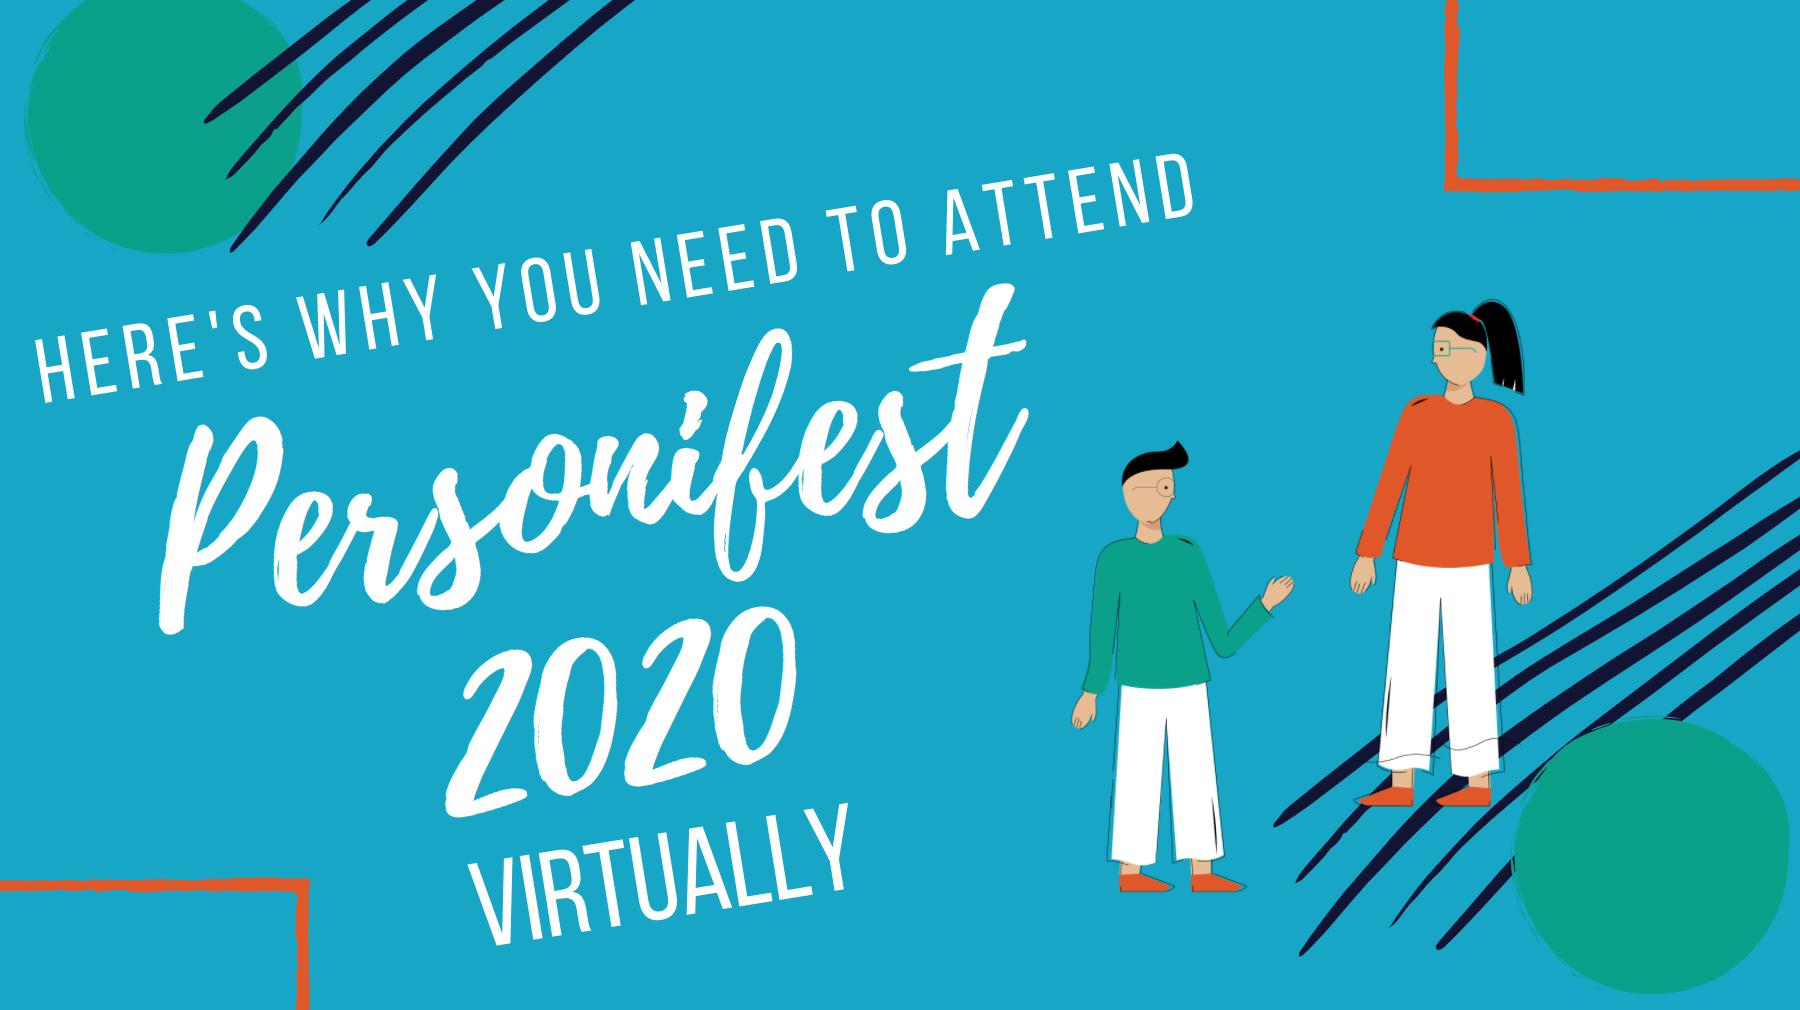 personifest 2020